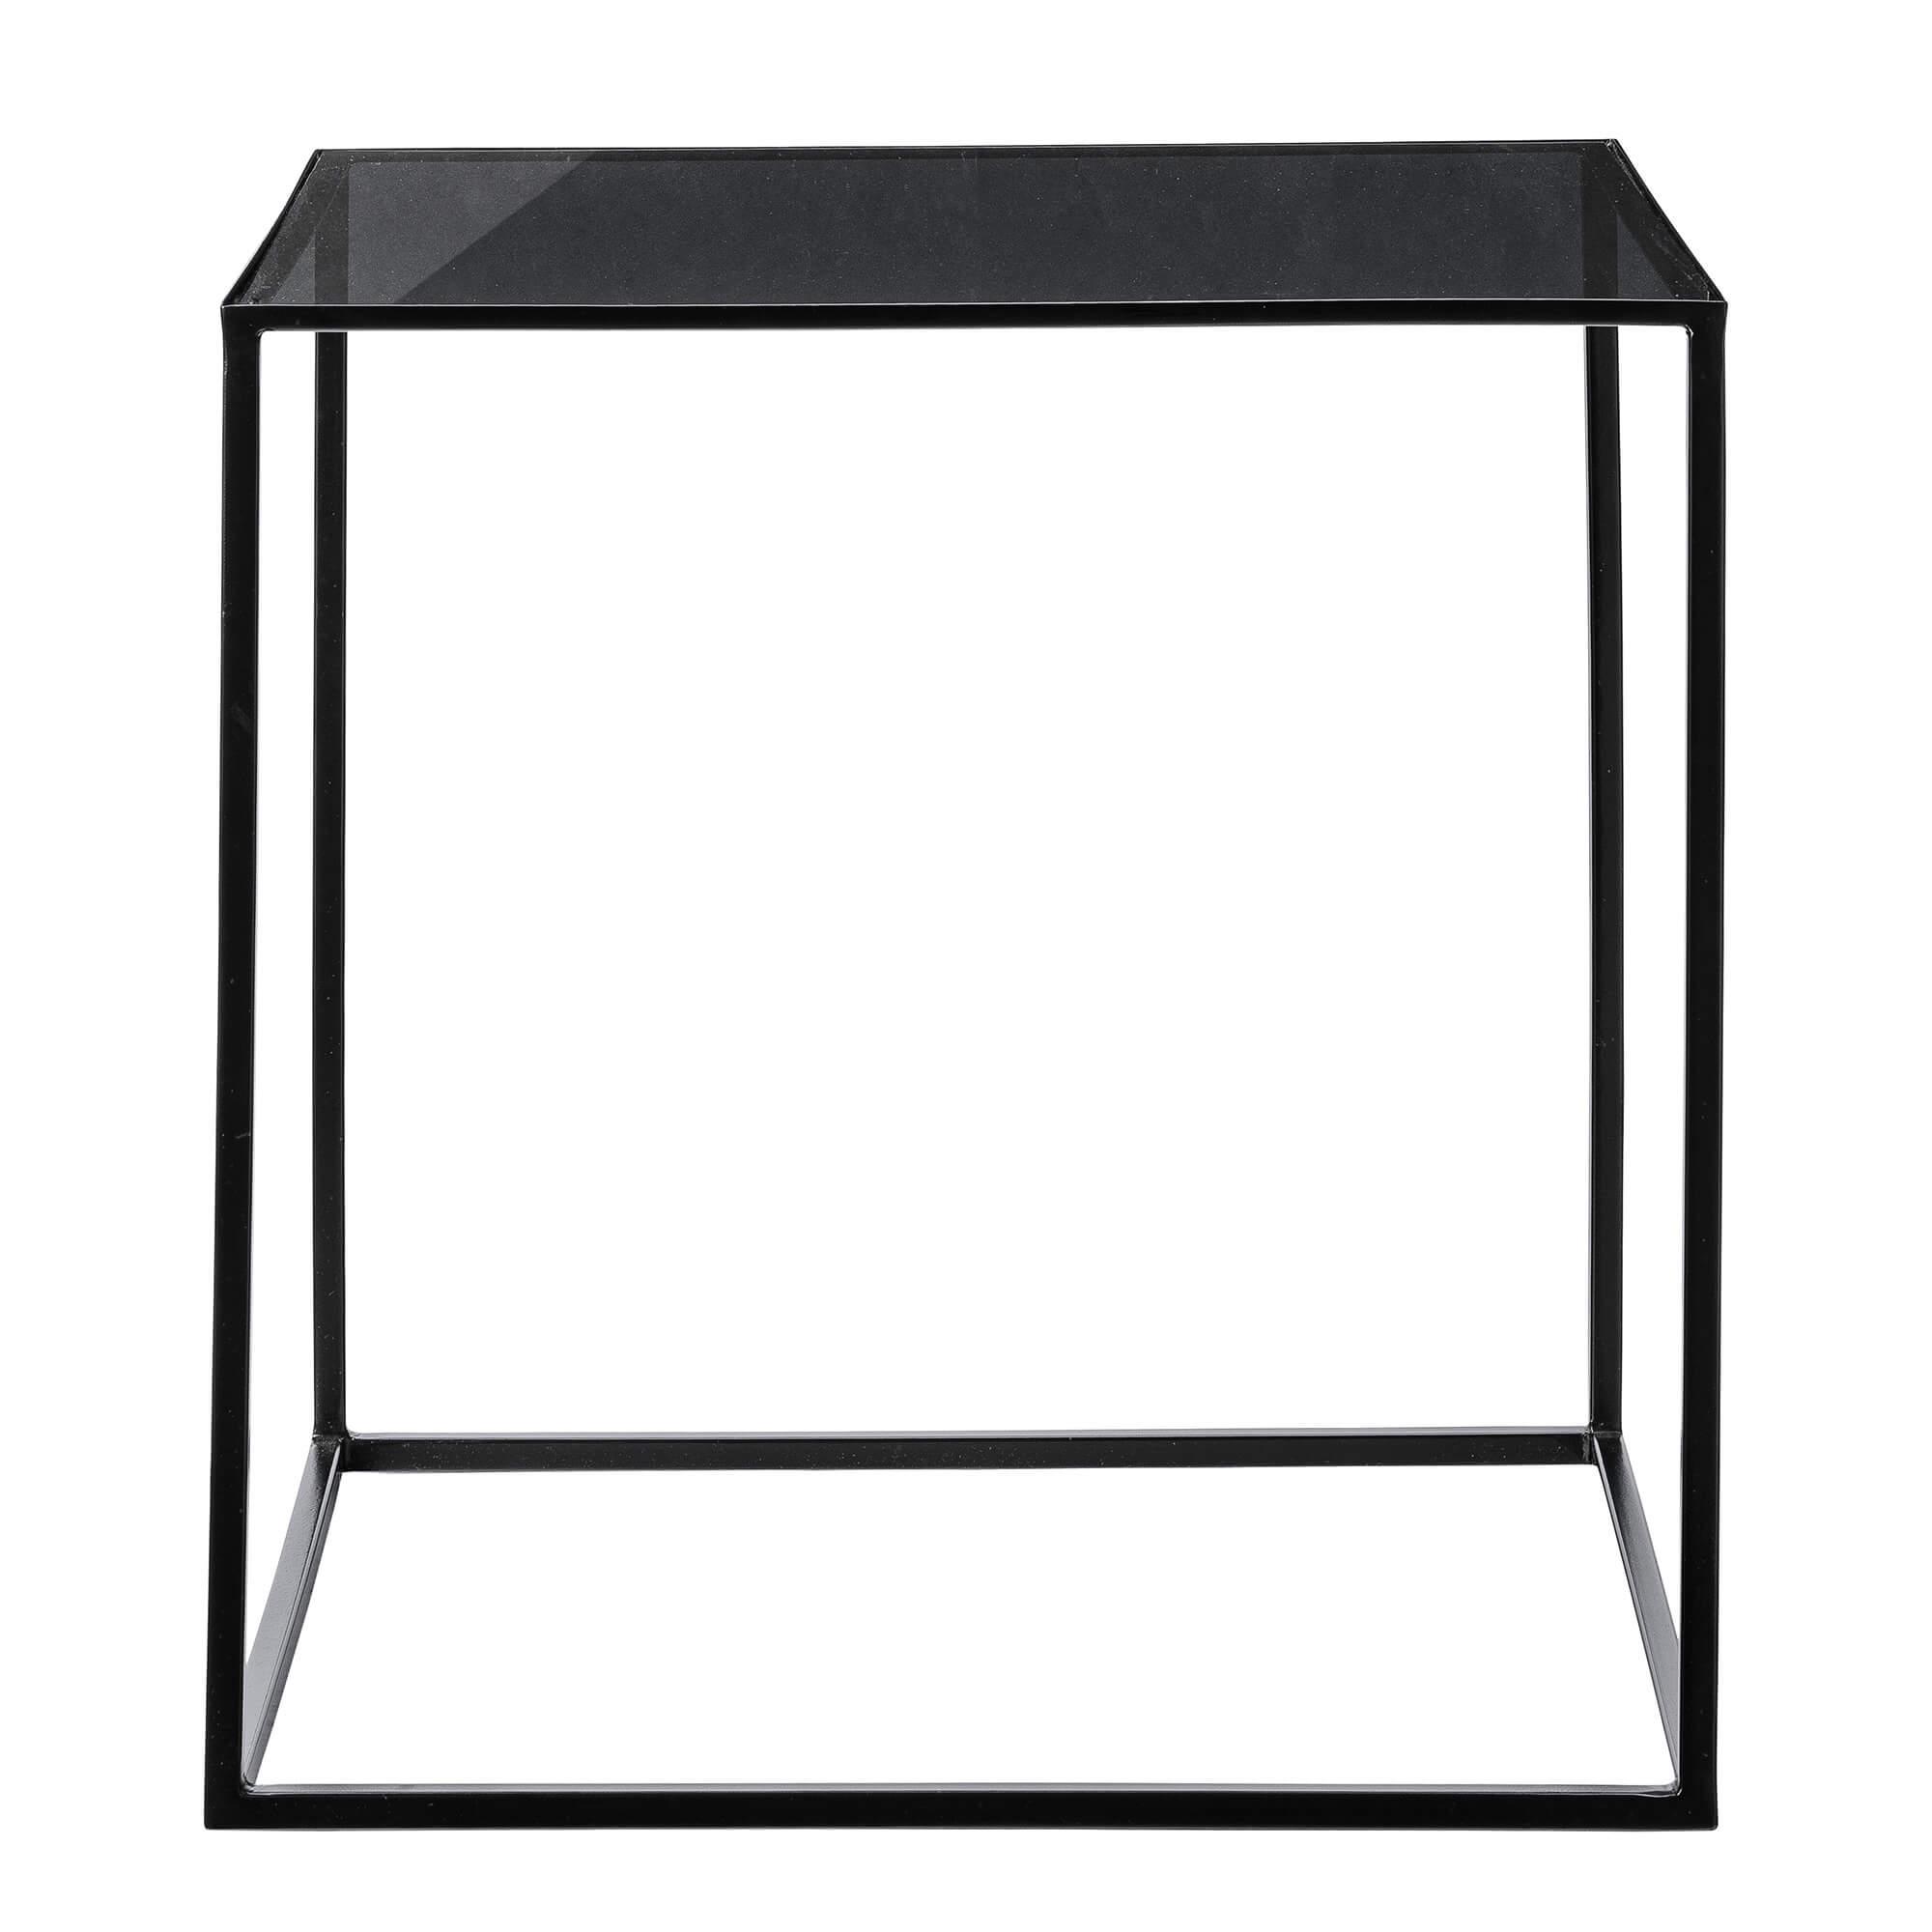 bloomingville – Bloomingville cube sofabord - sort glas/jern, kvadratisk (50x50) på boboonline.dk